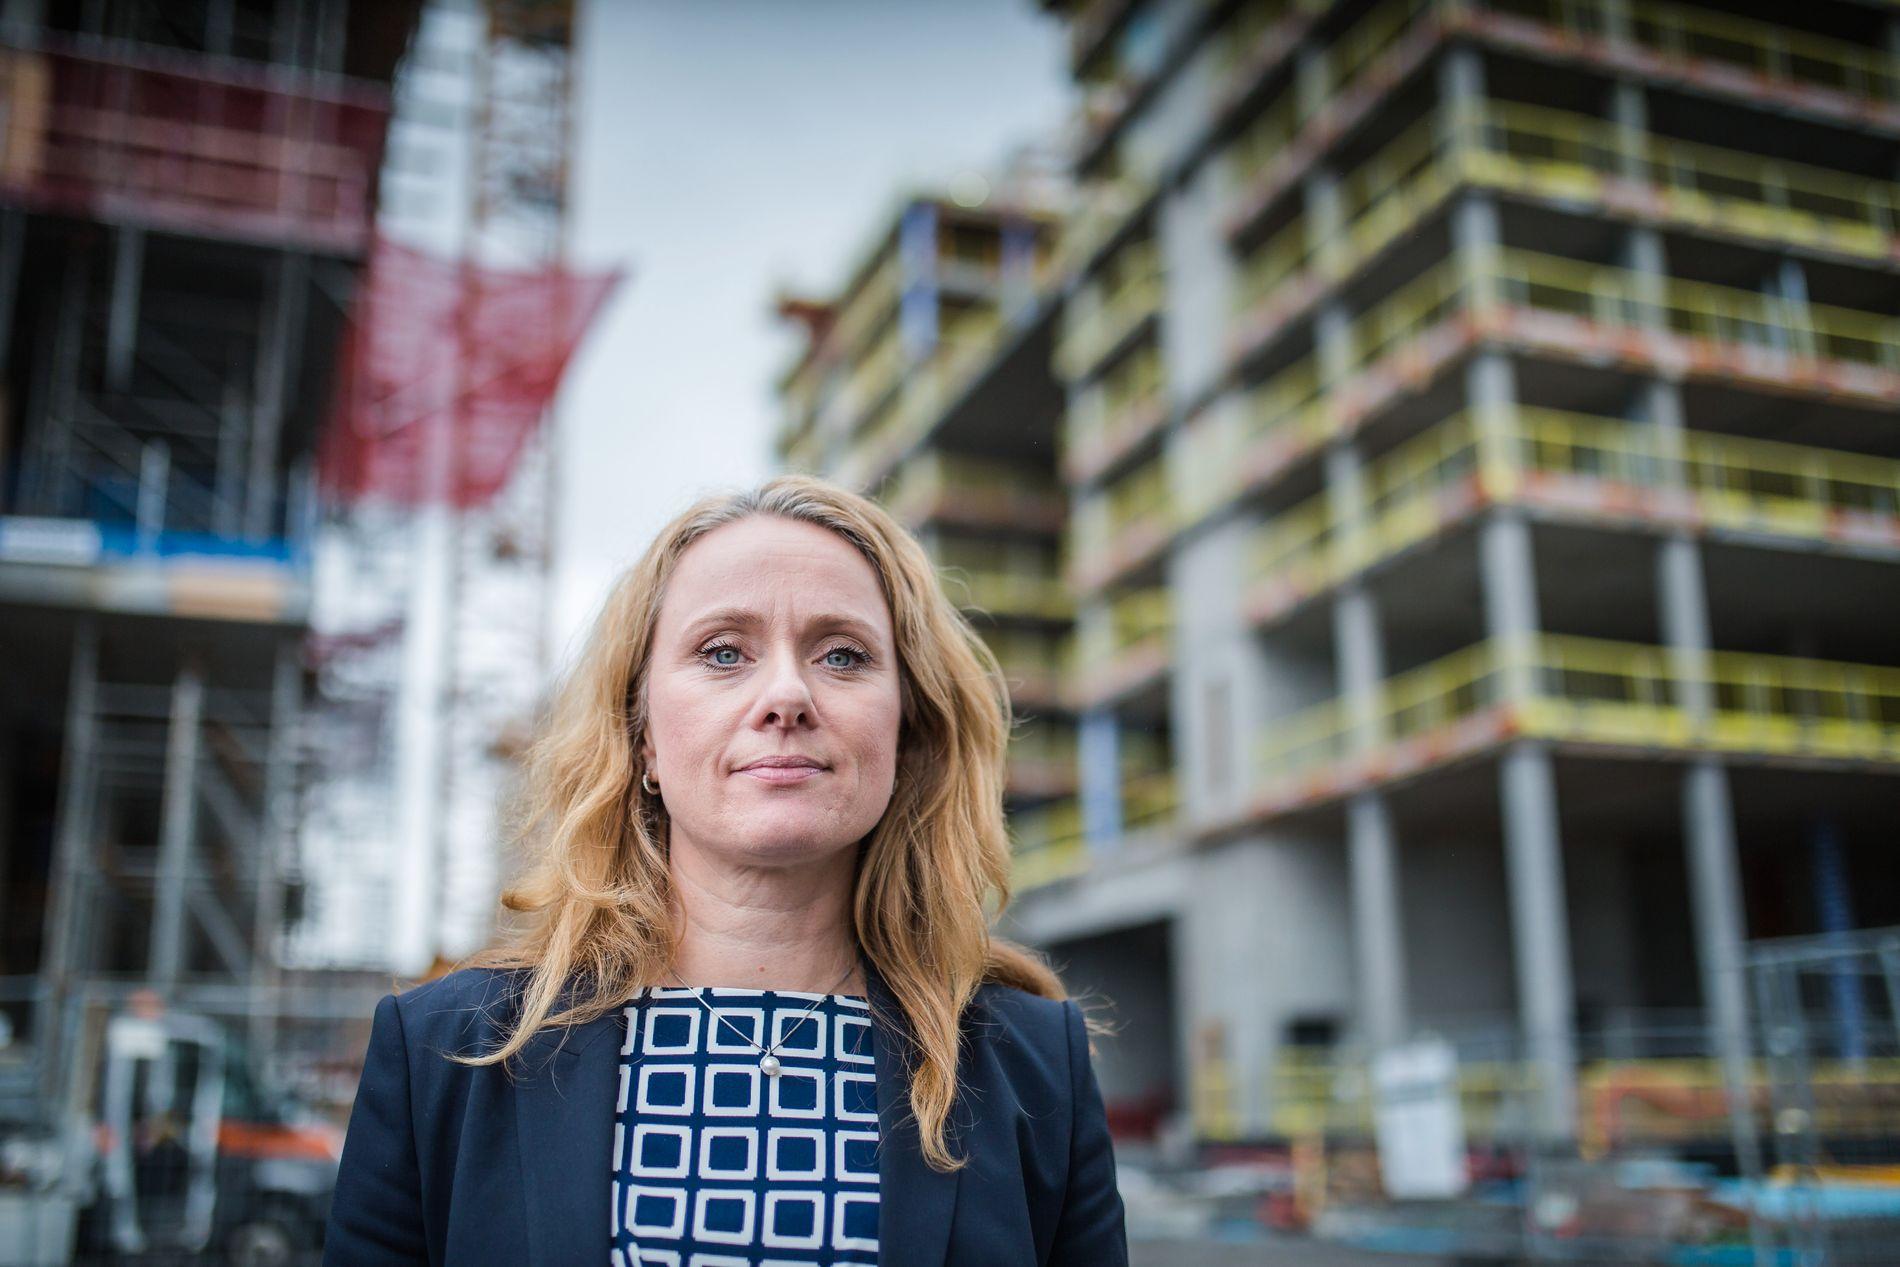 TAR GREP OM BYGGEPLASSENE: Arbeids- og sosialminister Anniken Hauglie (H) vil stramme kraftig inn reglene for utleie av arbeidskraft i byggesektoren og blant annet sette prosenttak på hvor mange som skal kunne leies inn.